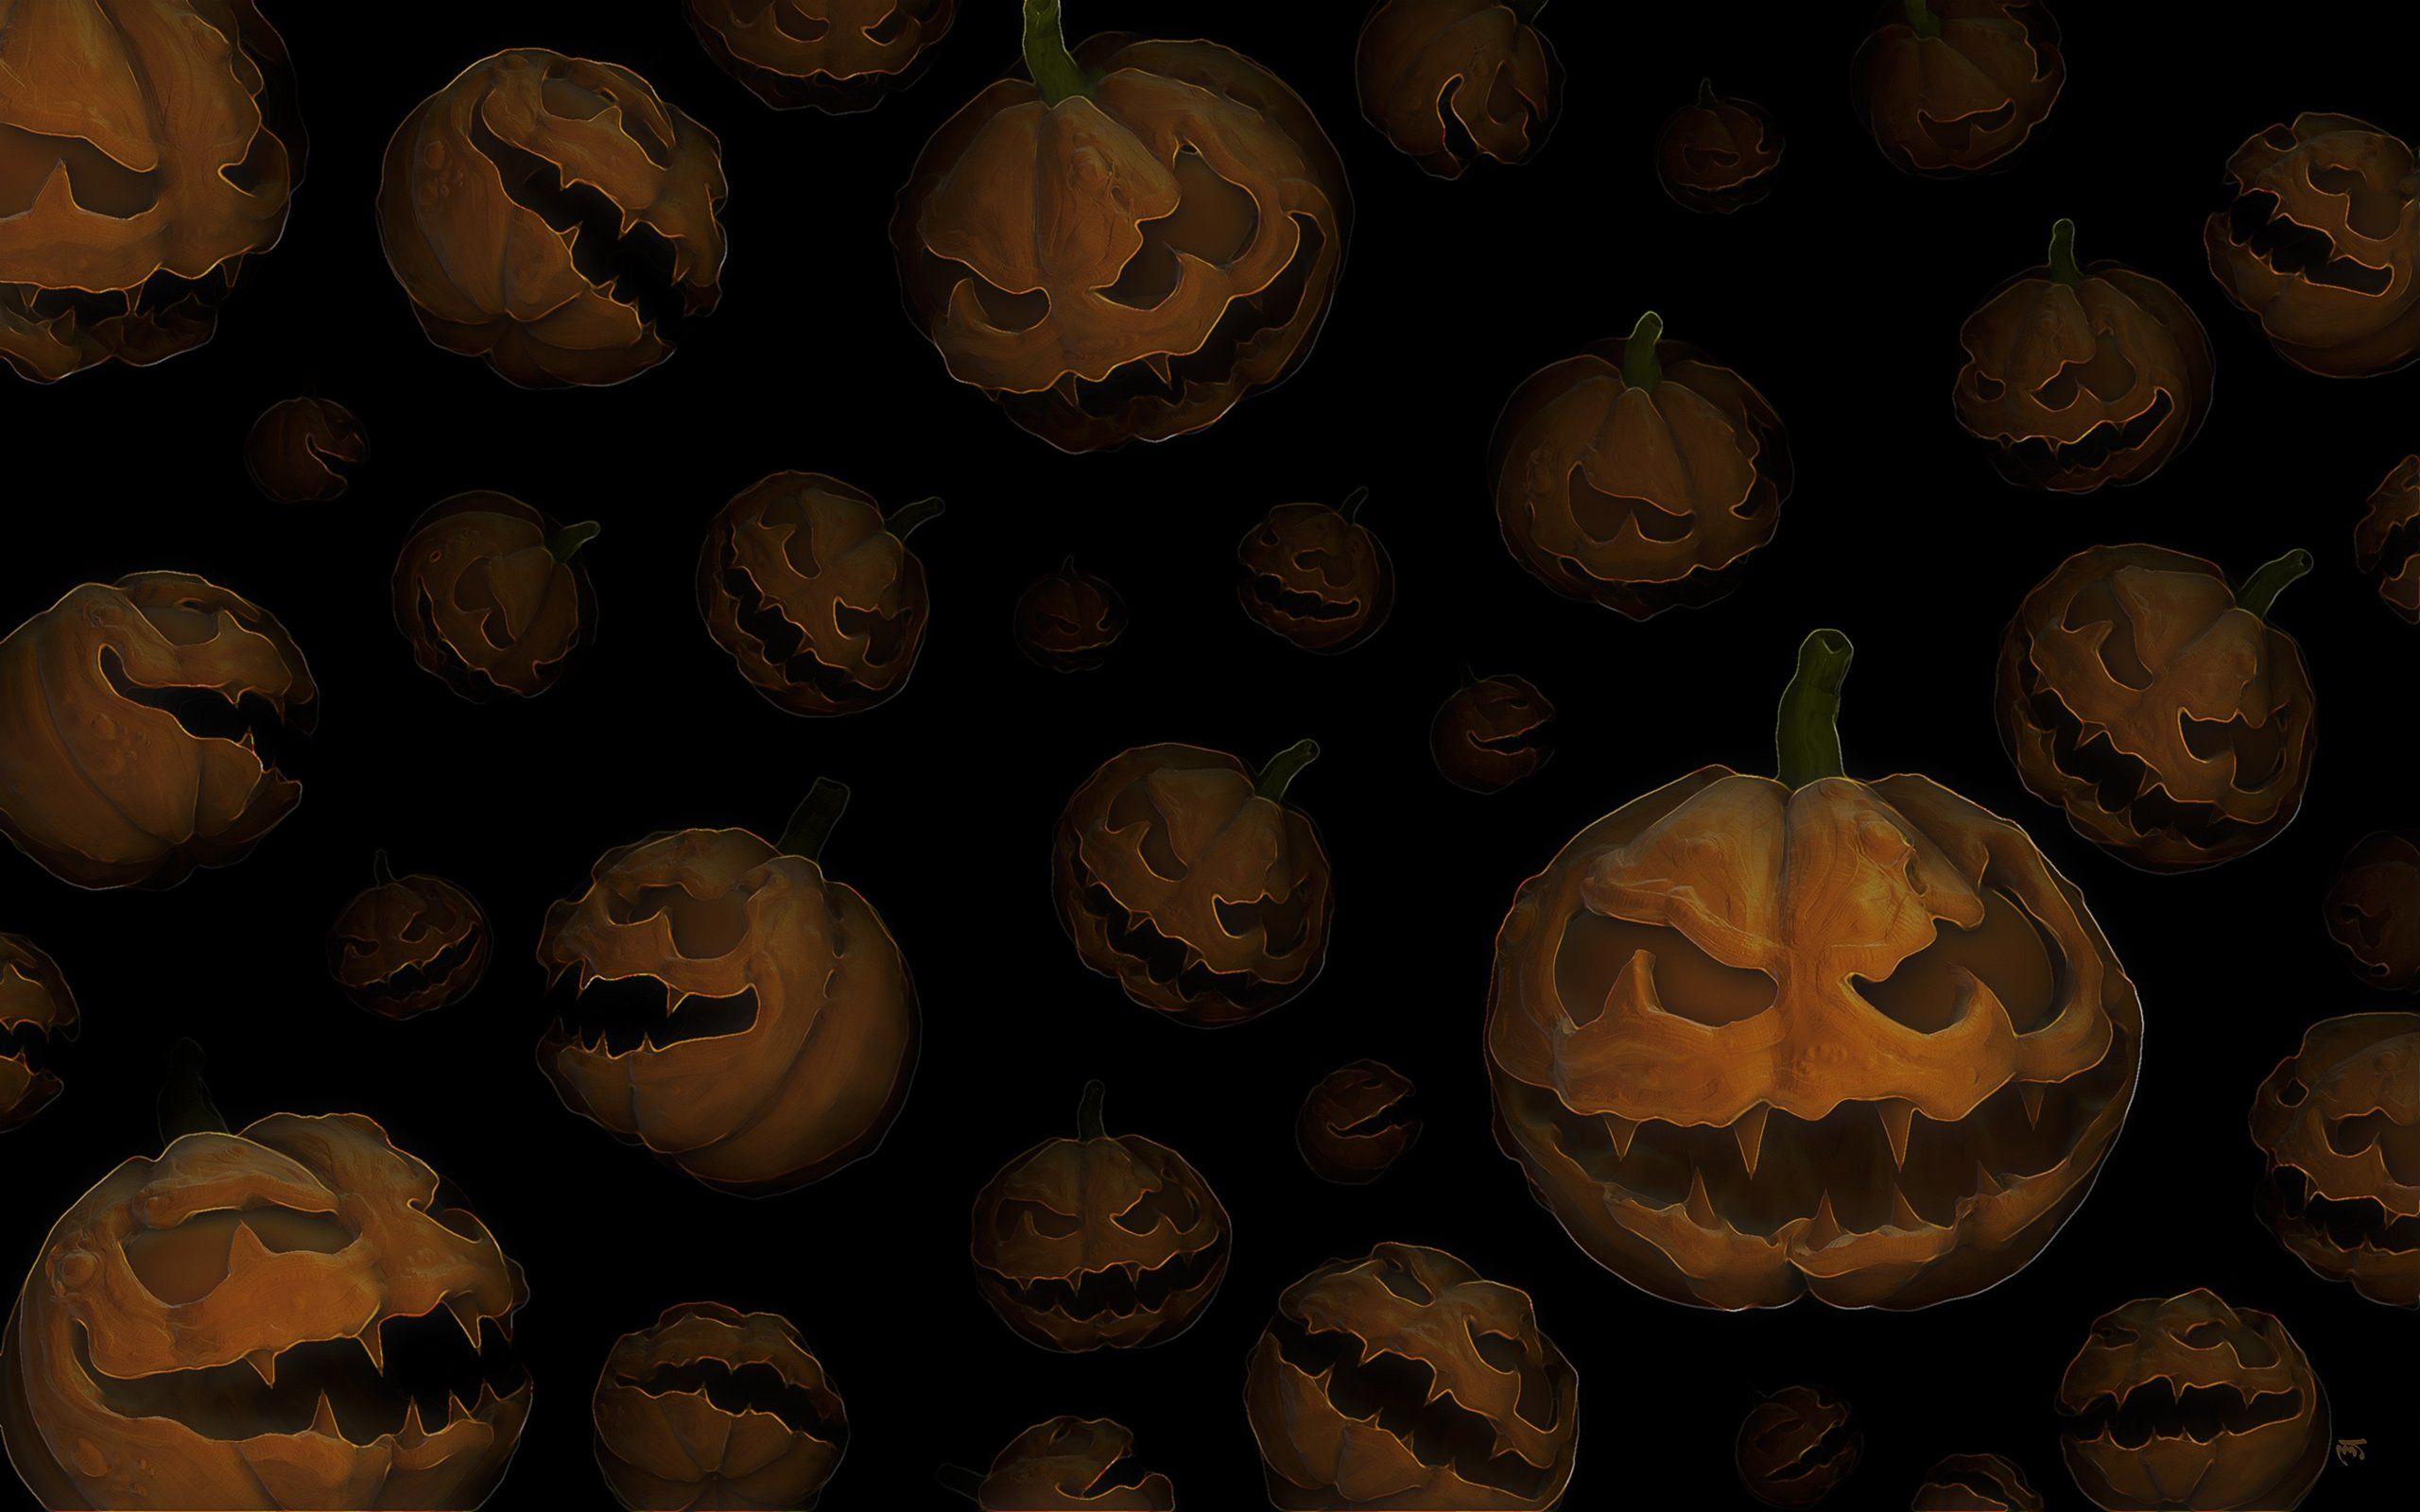 Res: 2560x1600, Pumpkin Wallpaper Unique Scary Halloween Wallpaper Tumblr